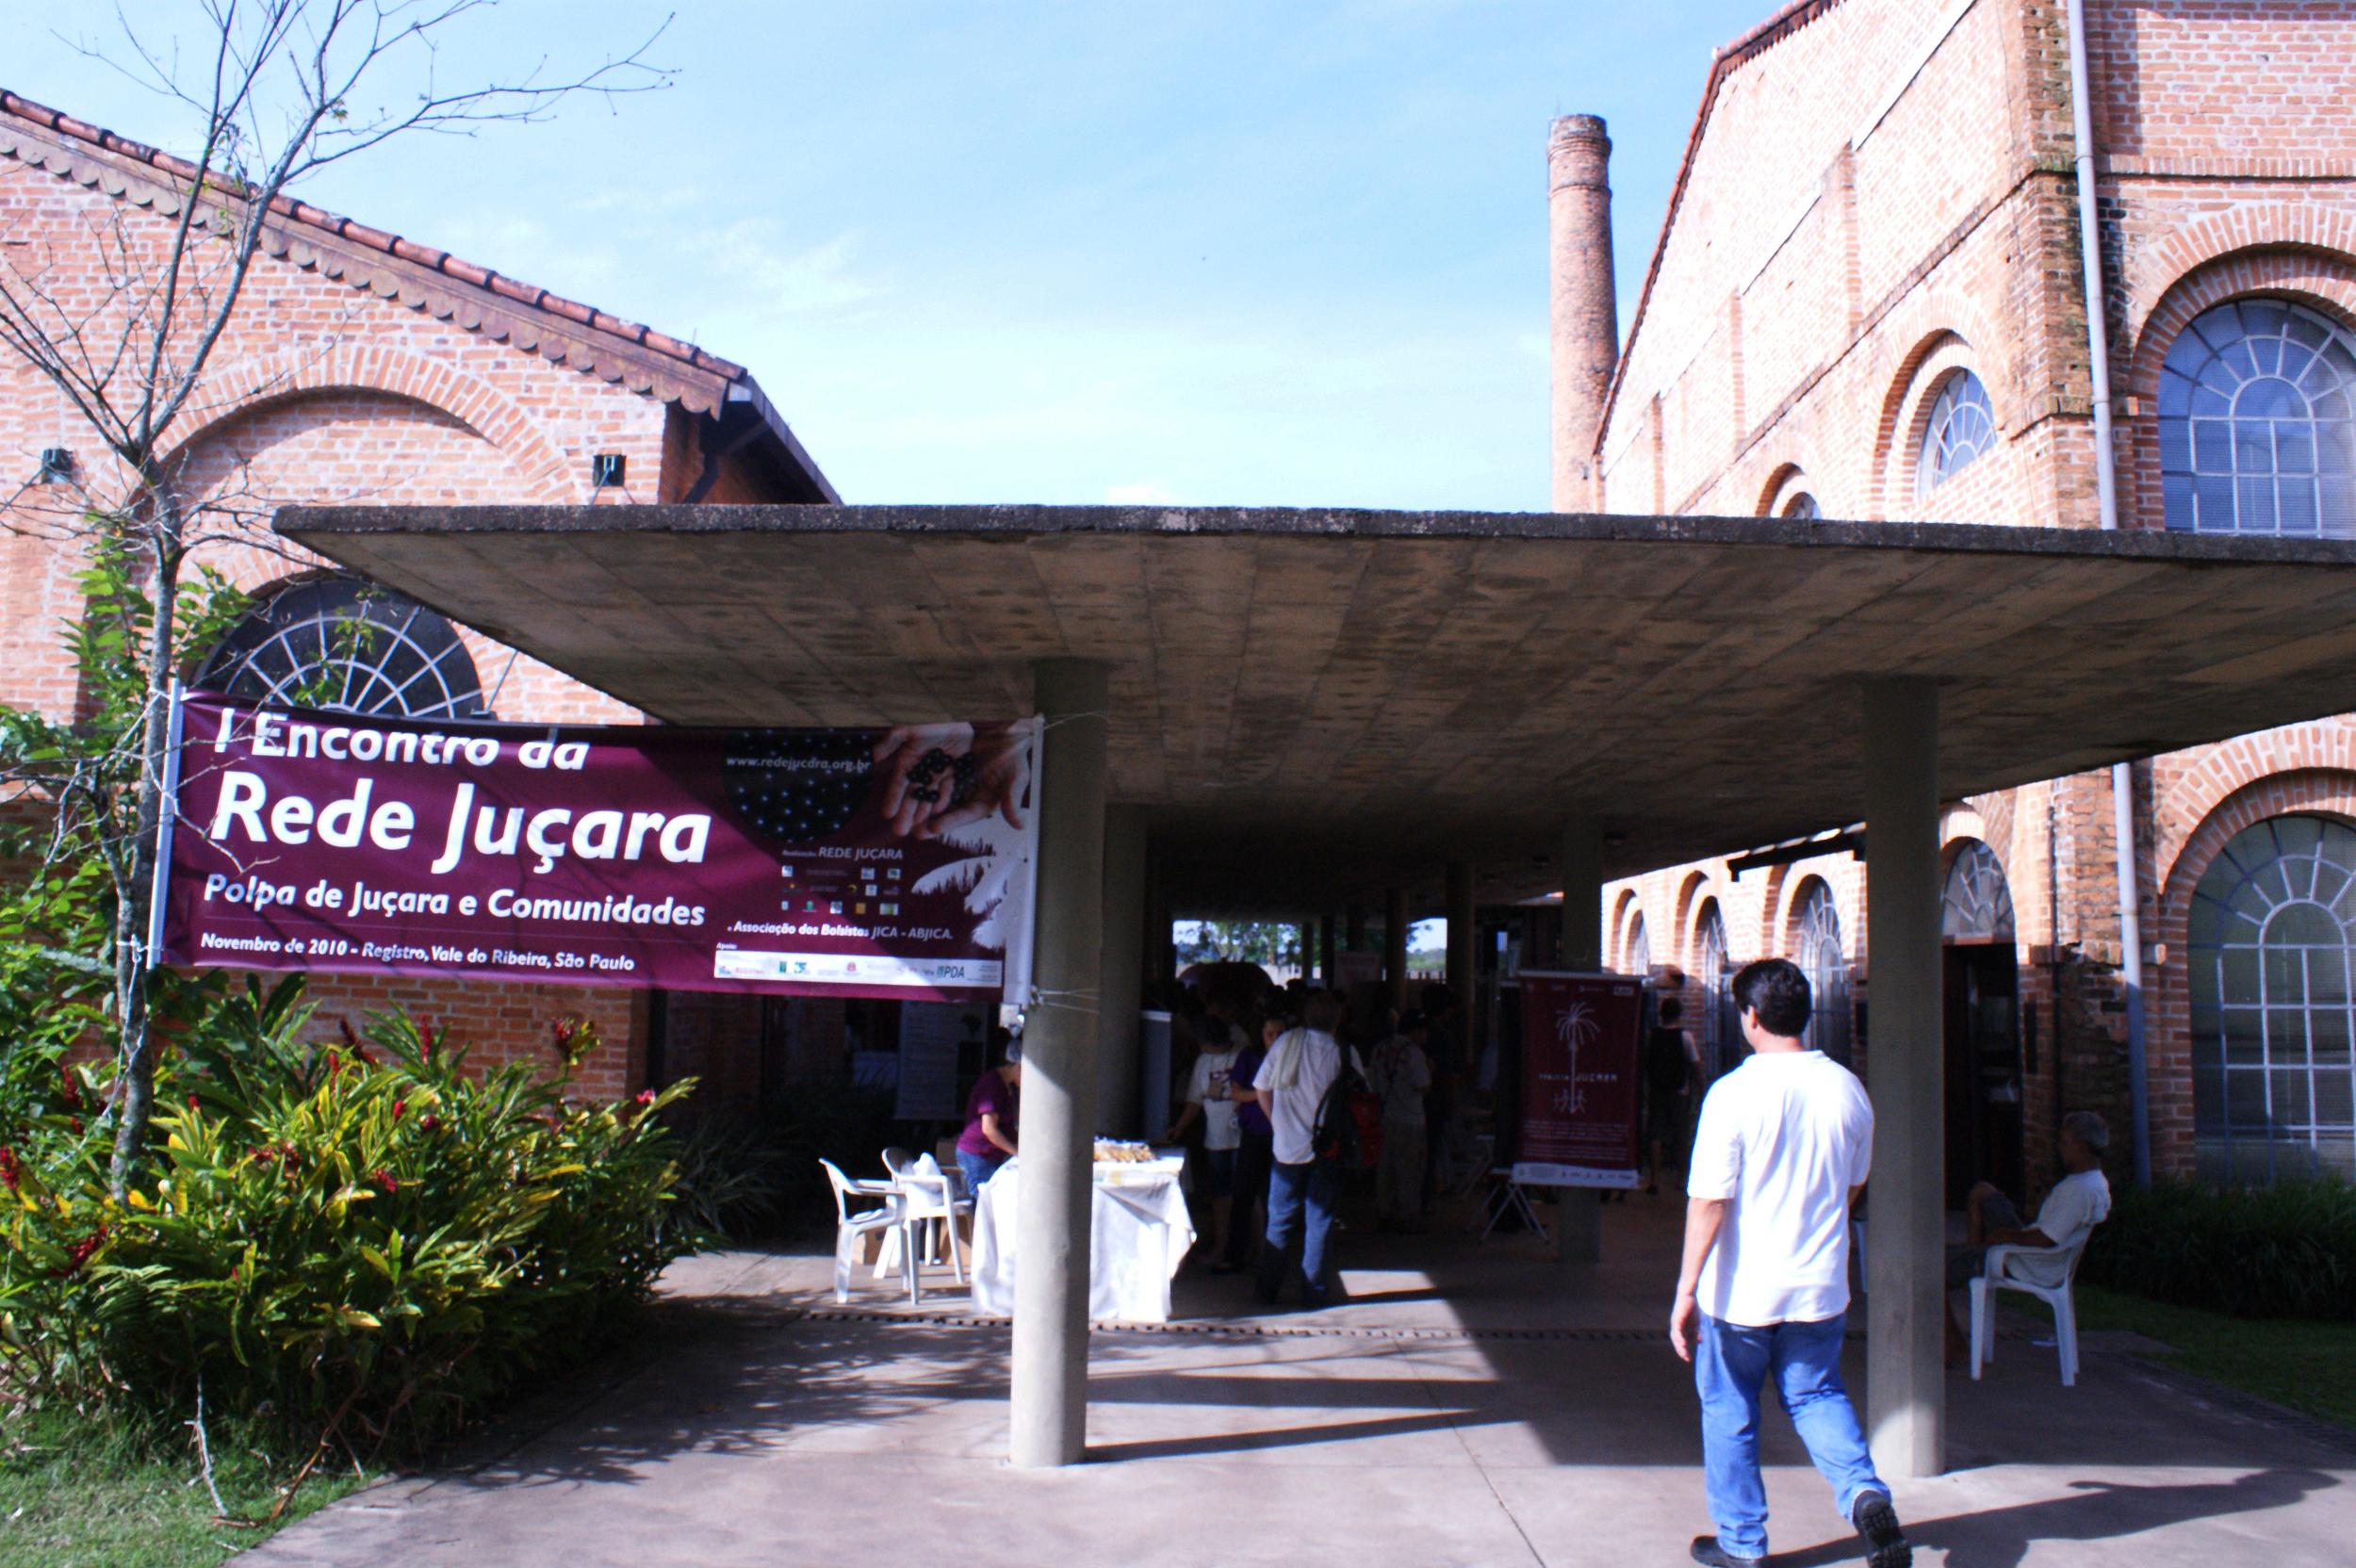 Primeiro encontro da Rede Juçara, projeto apoiado pelo Fundo Socioambiental CASA (Foto: Coletivo Catarse).